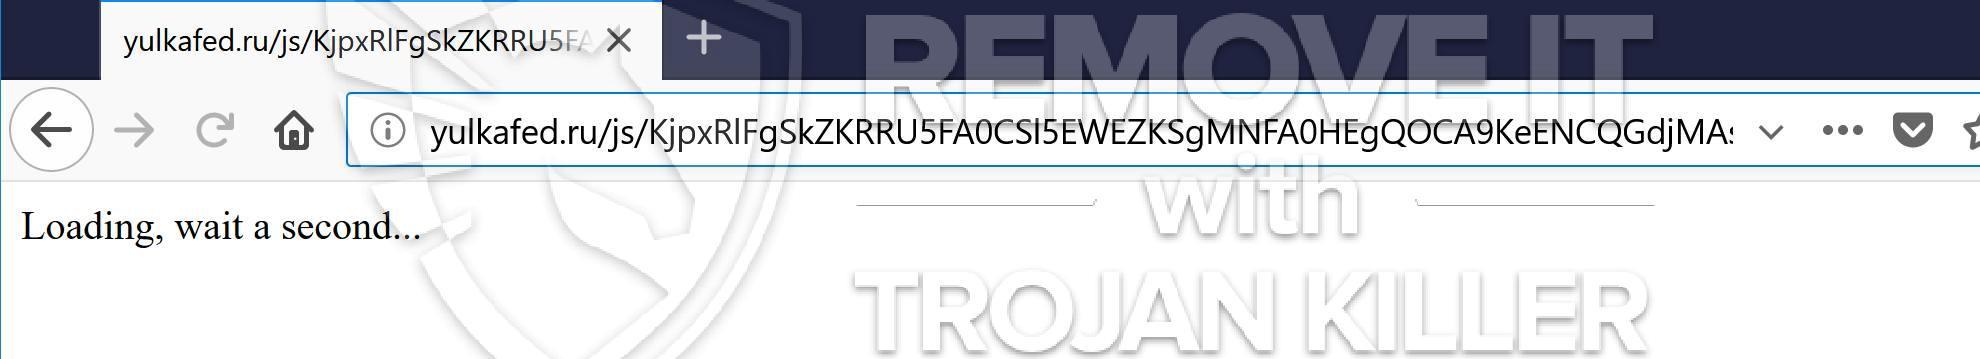 remove Yulkafed.ru virus